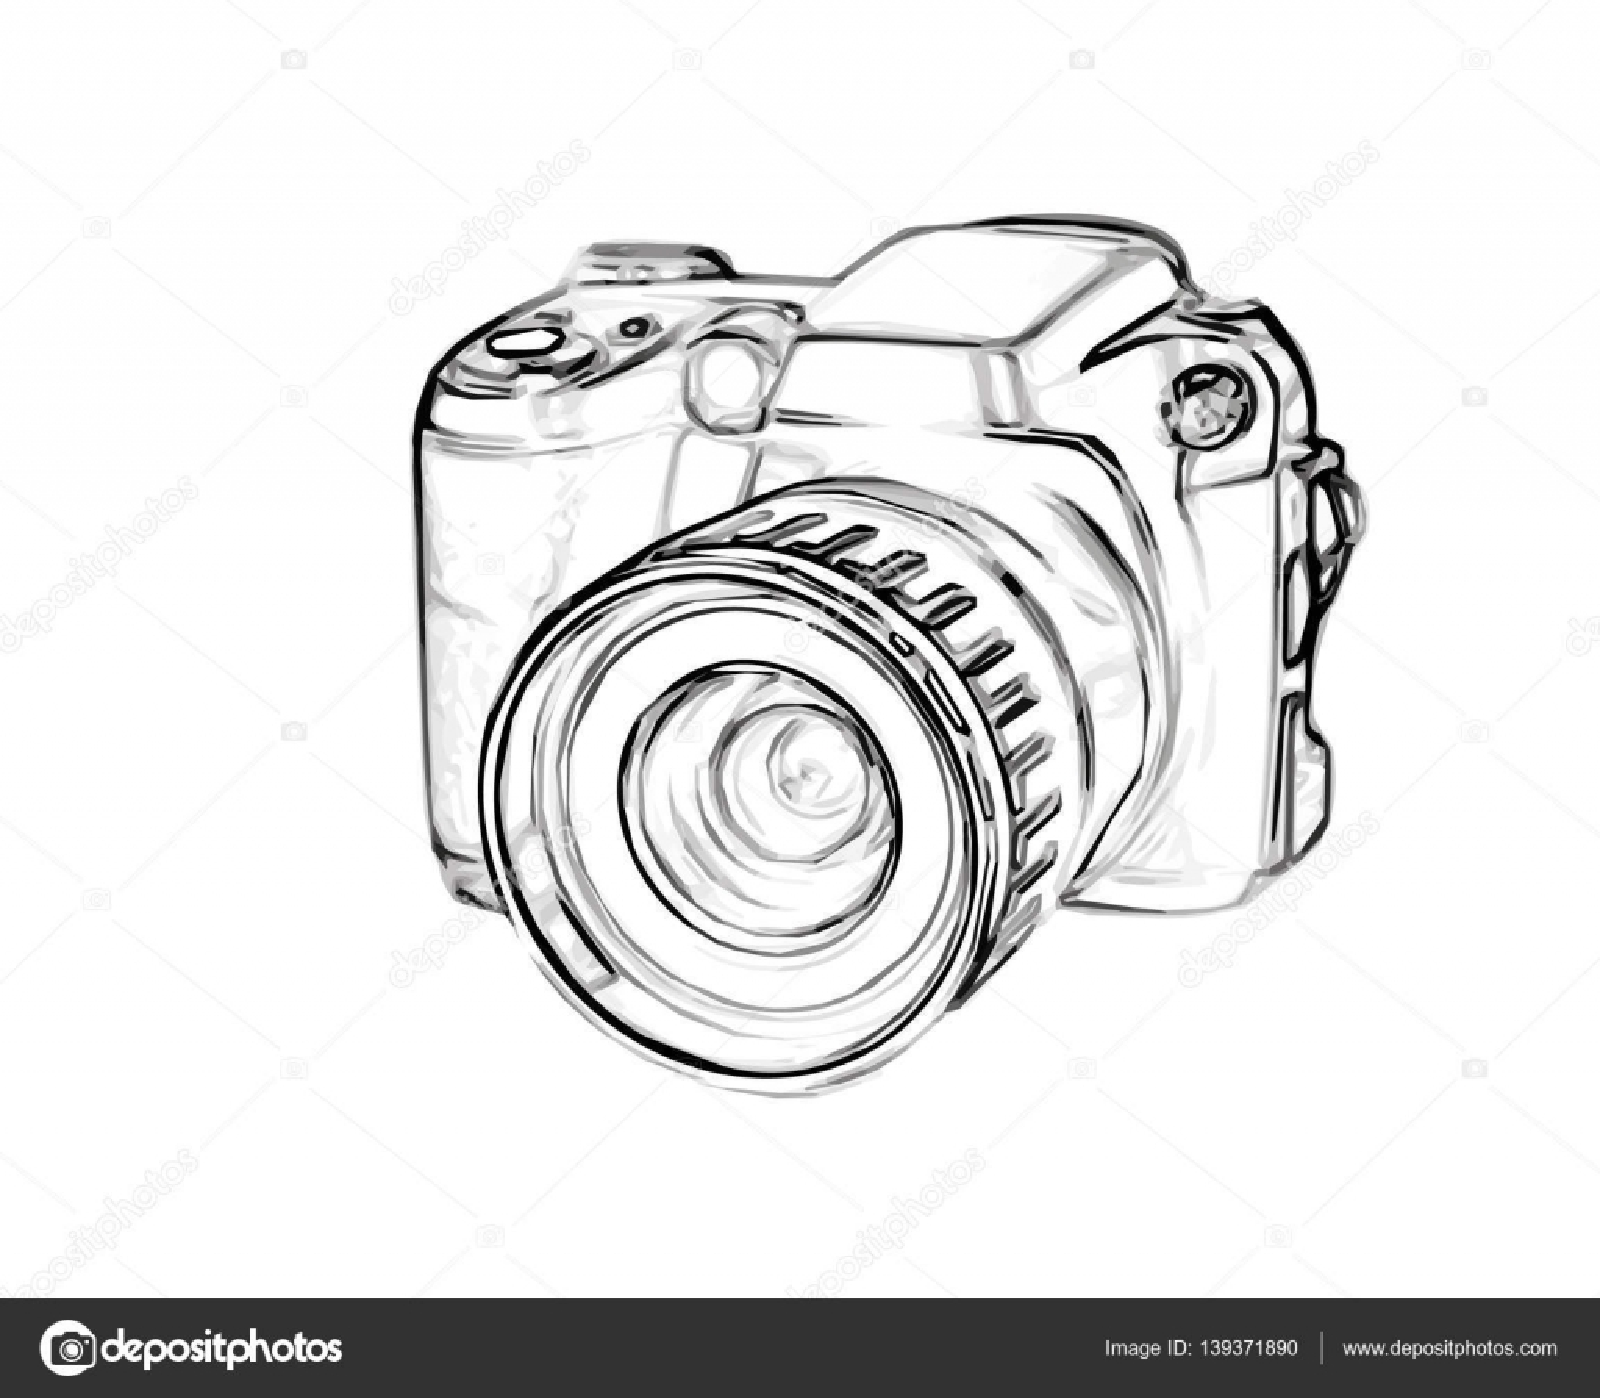 rysunek cyfrowy aparat fotograficzny grafika wektorowa zeffss 139371890. Black Bedroom Furniture Sets. Home Design Ideas